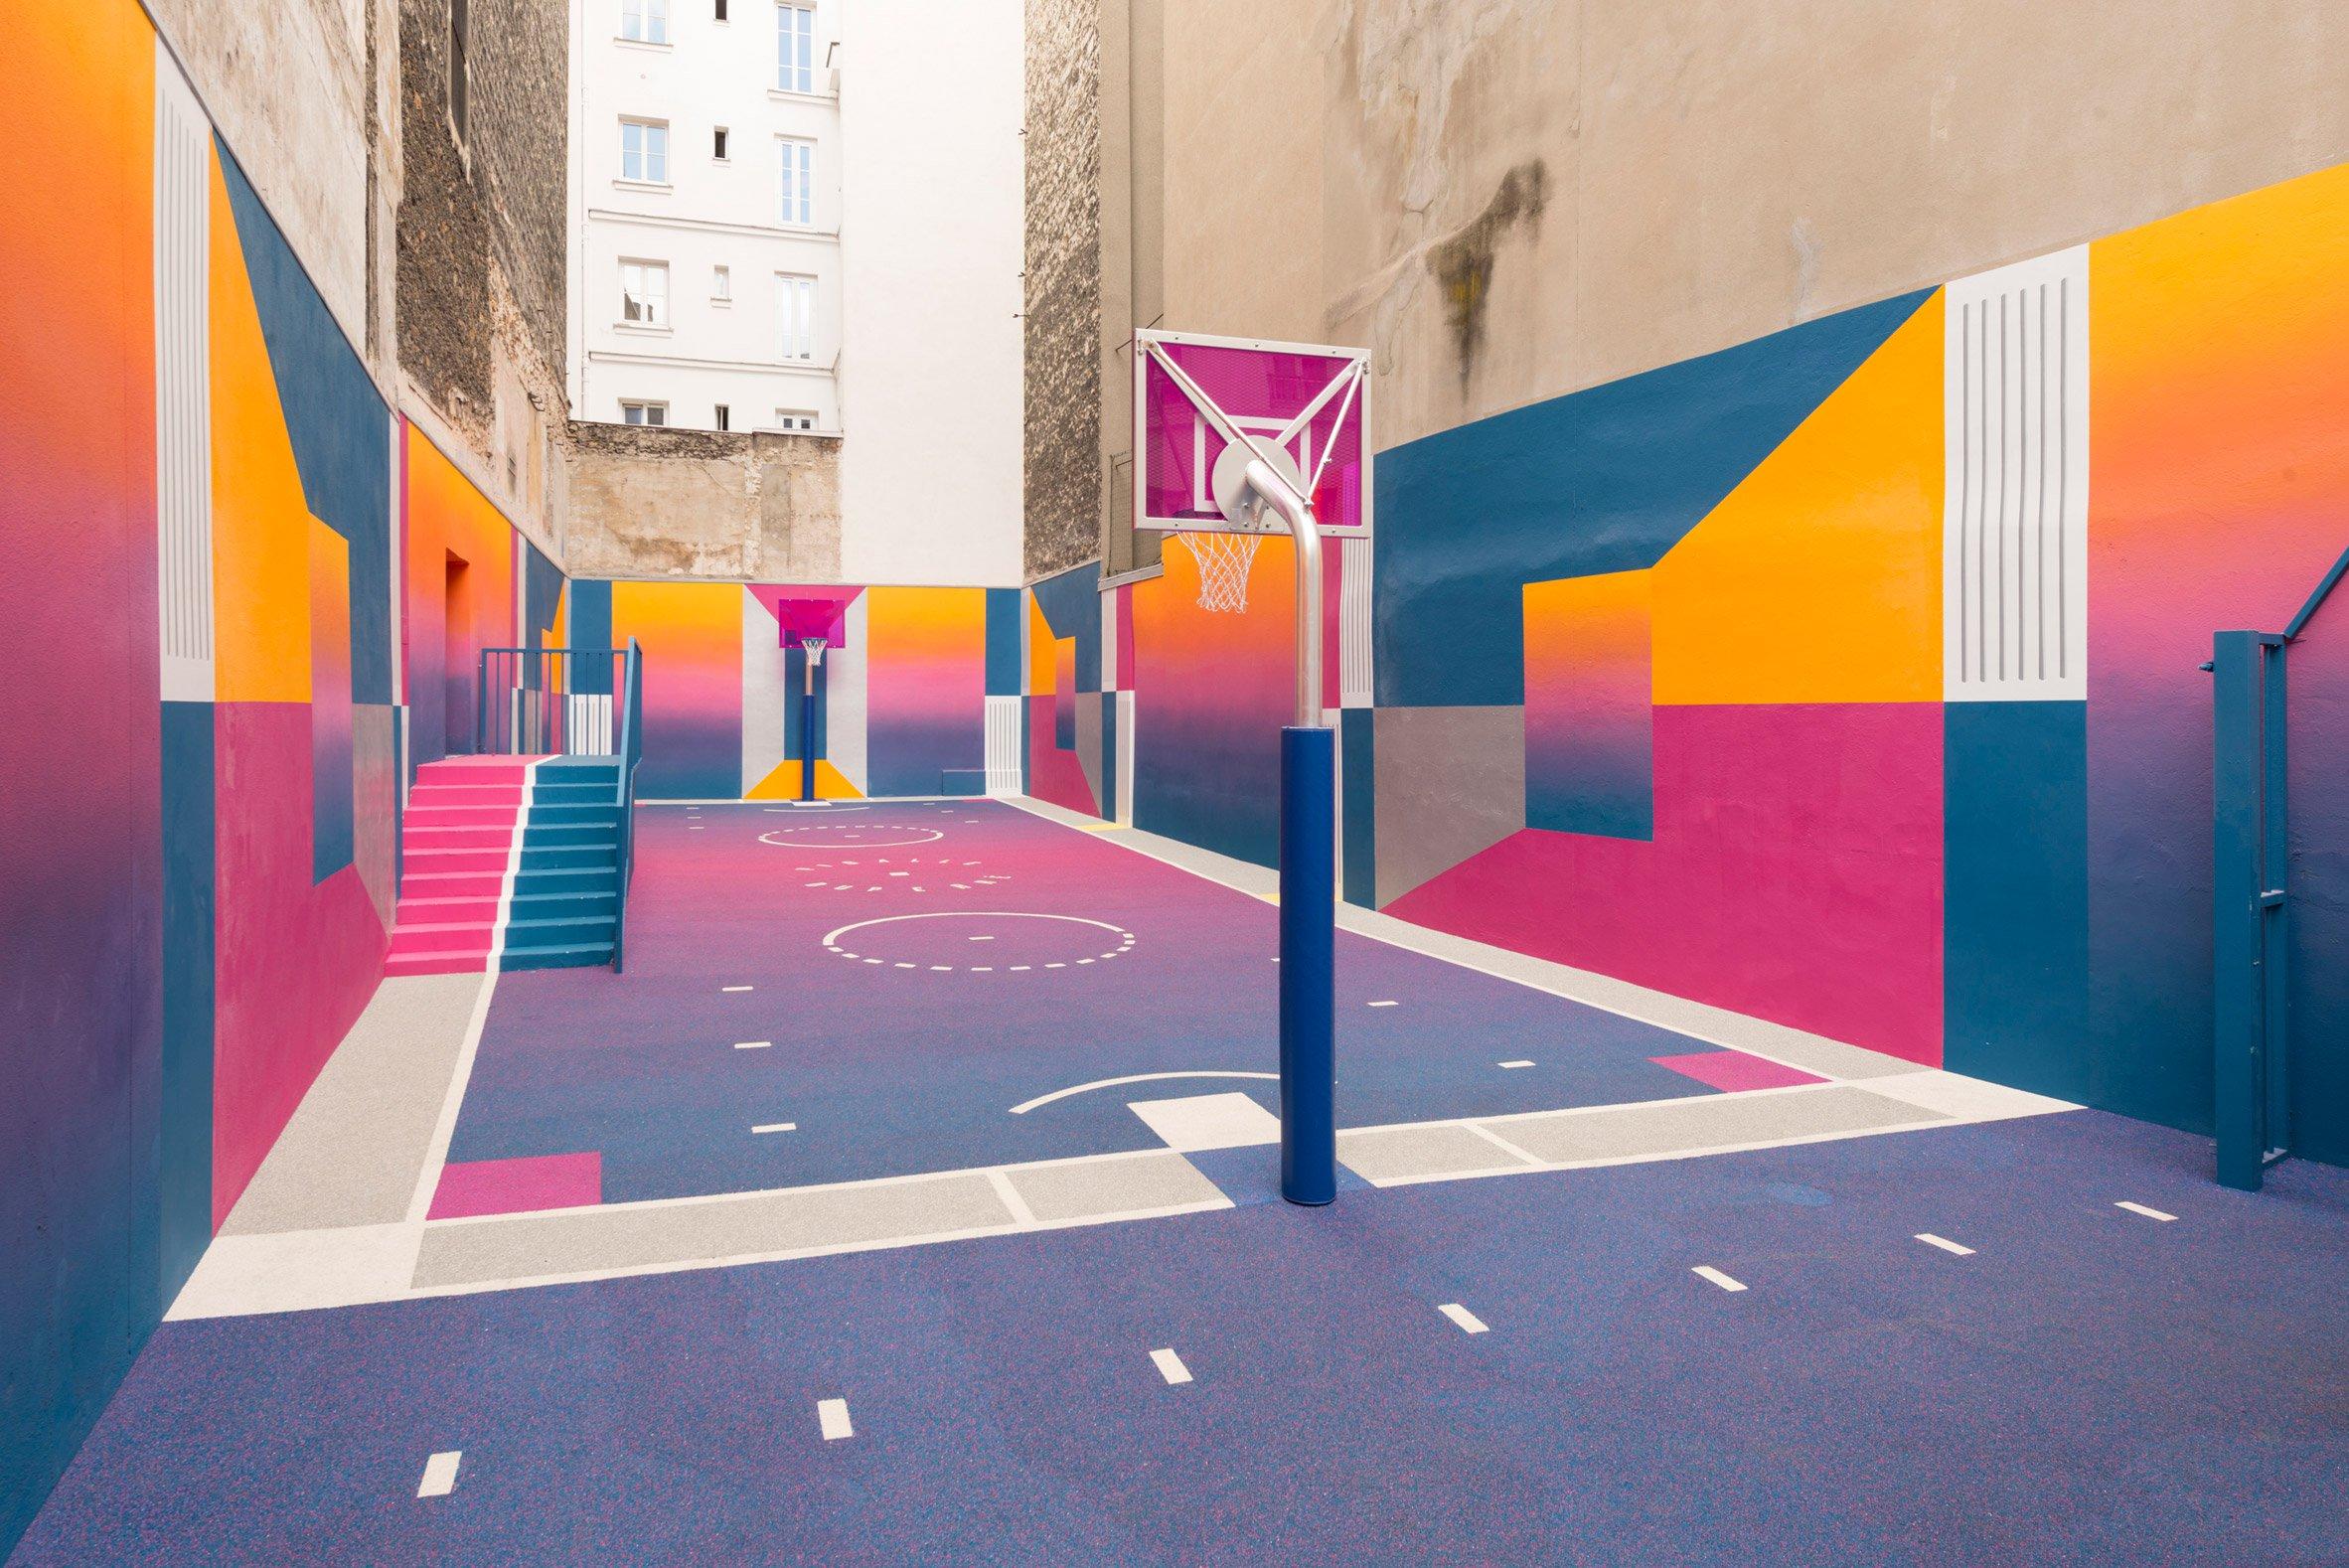 basket-court-pigalle-studio-architecture-public-leisure-paris-france-_dezeen_2364_col_6.jpg